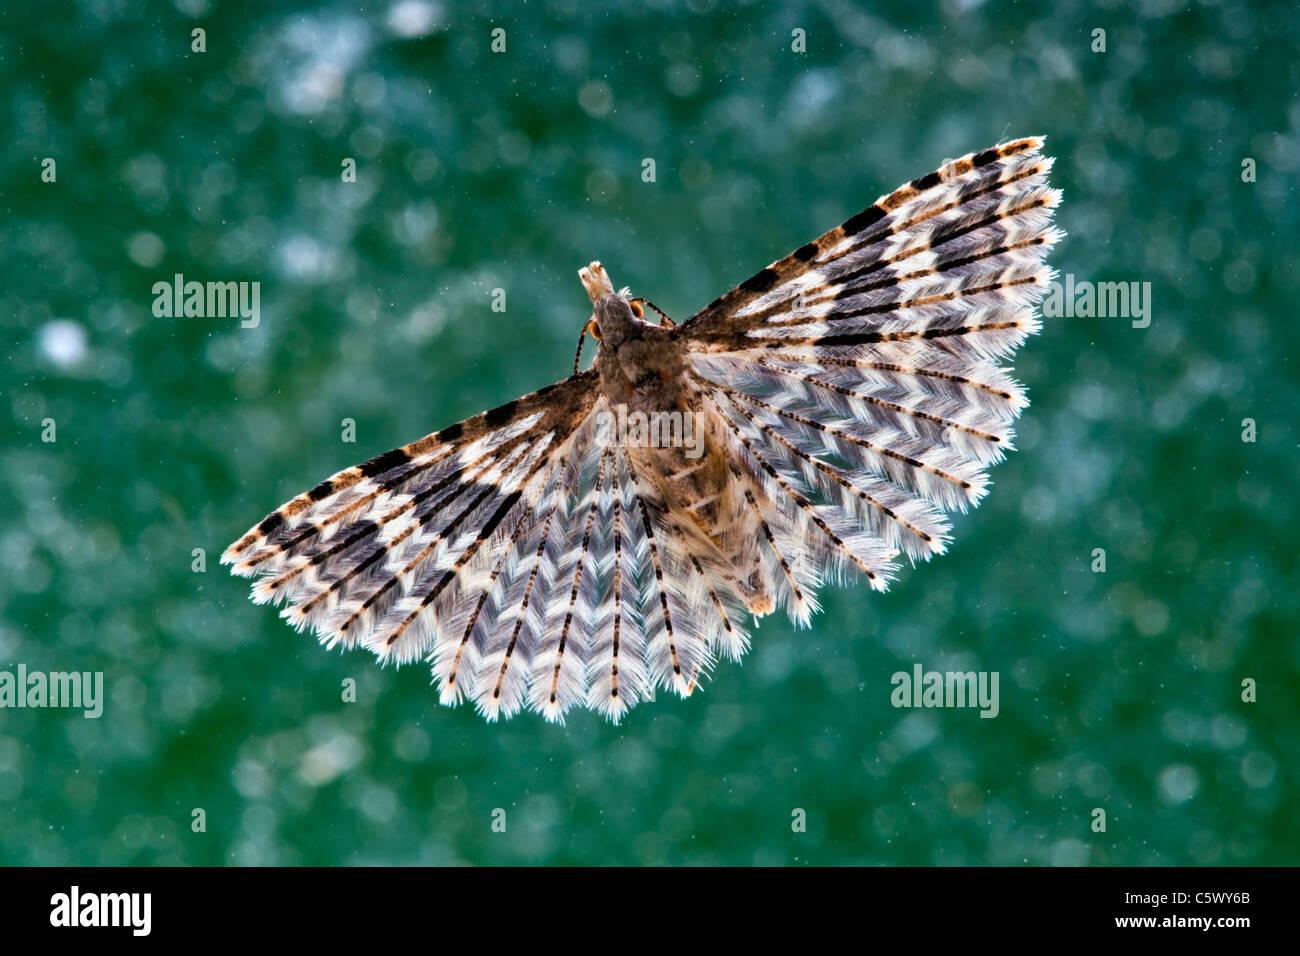 De nombreux papillons plumes reposant sur une fenêtre Photo Stock